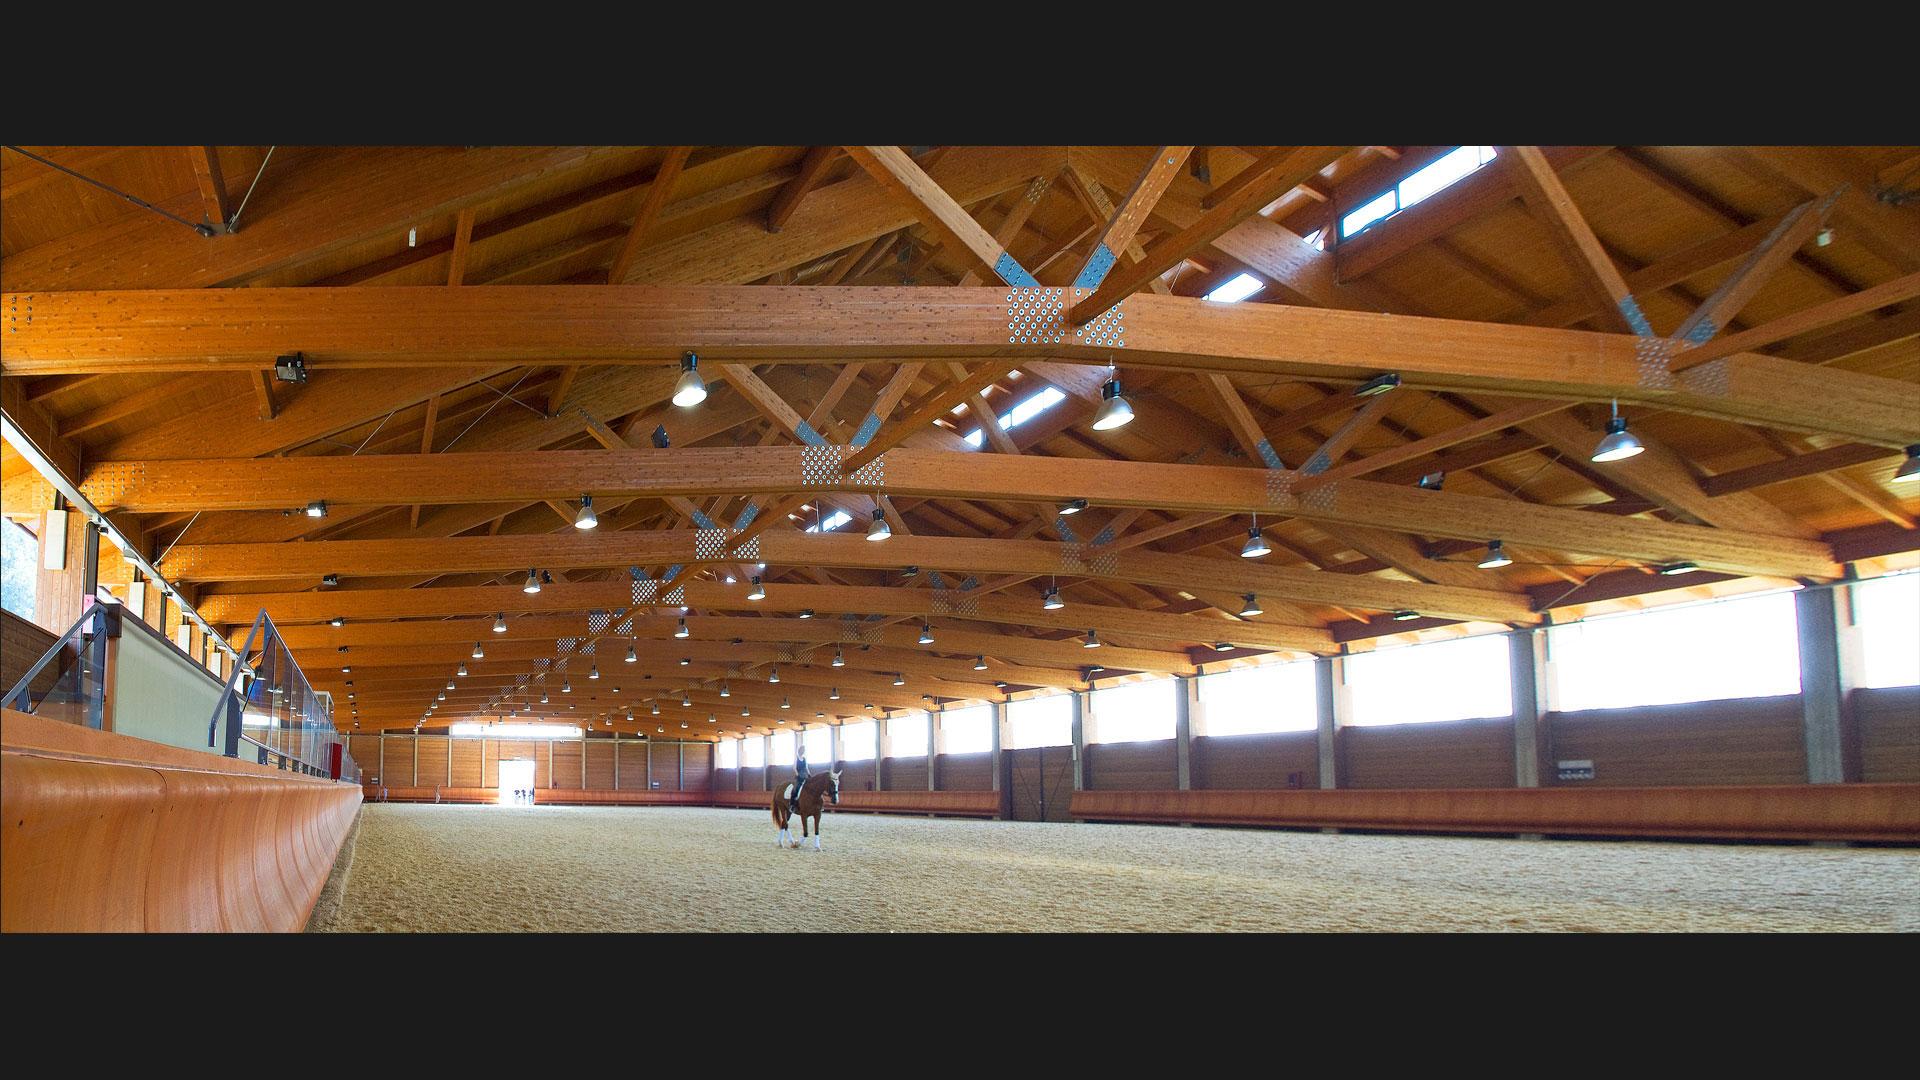 Complejo para deportes ecuestres la mandria torino - Casas de madera laminada ...